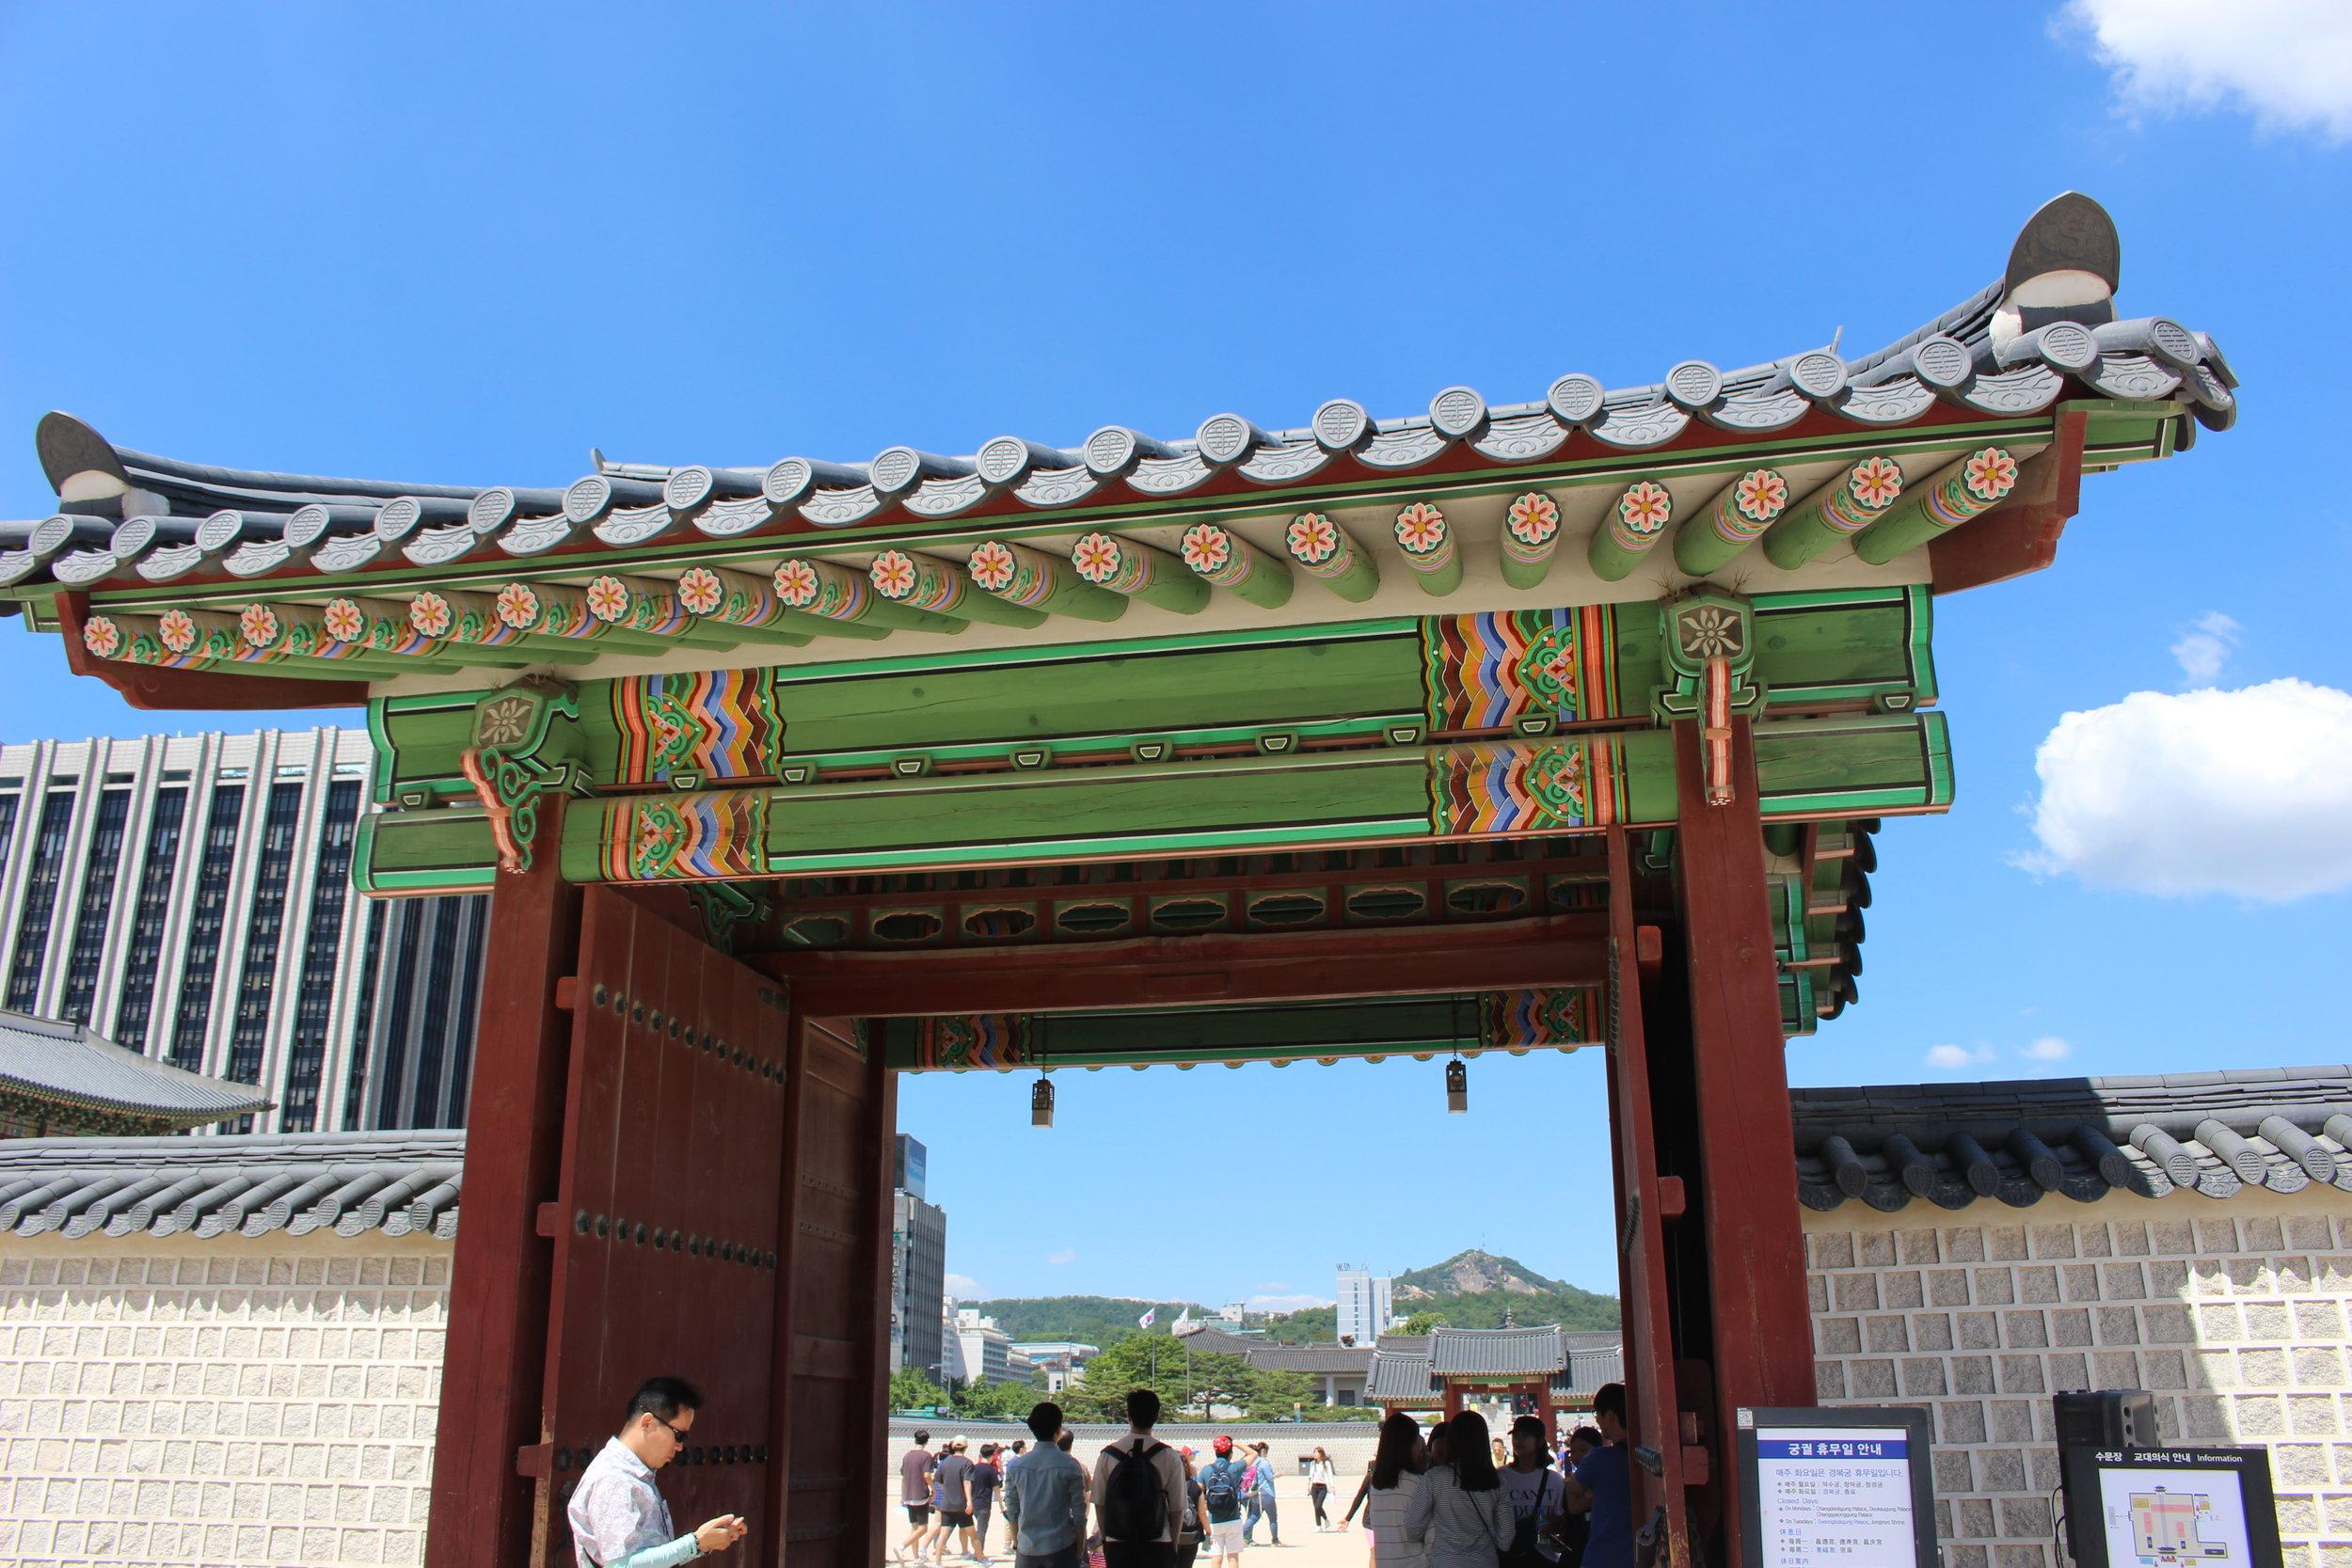 Visiting Gyeongbokgung Palace